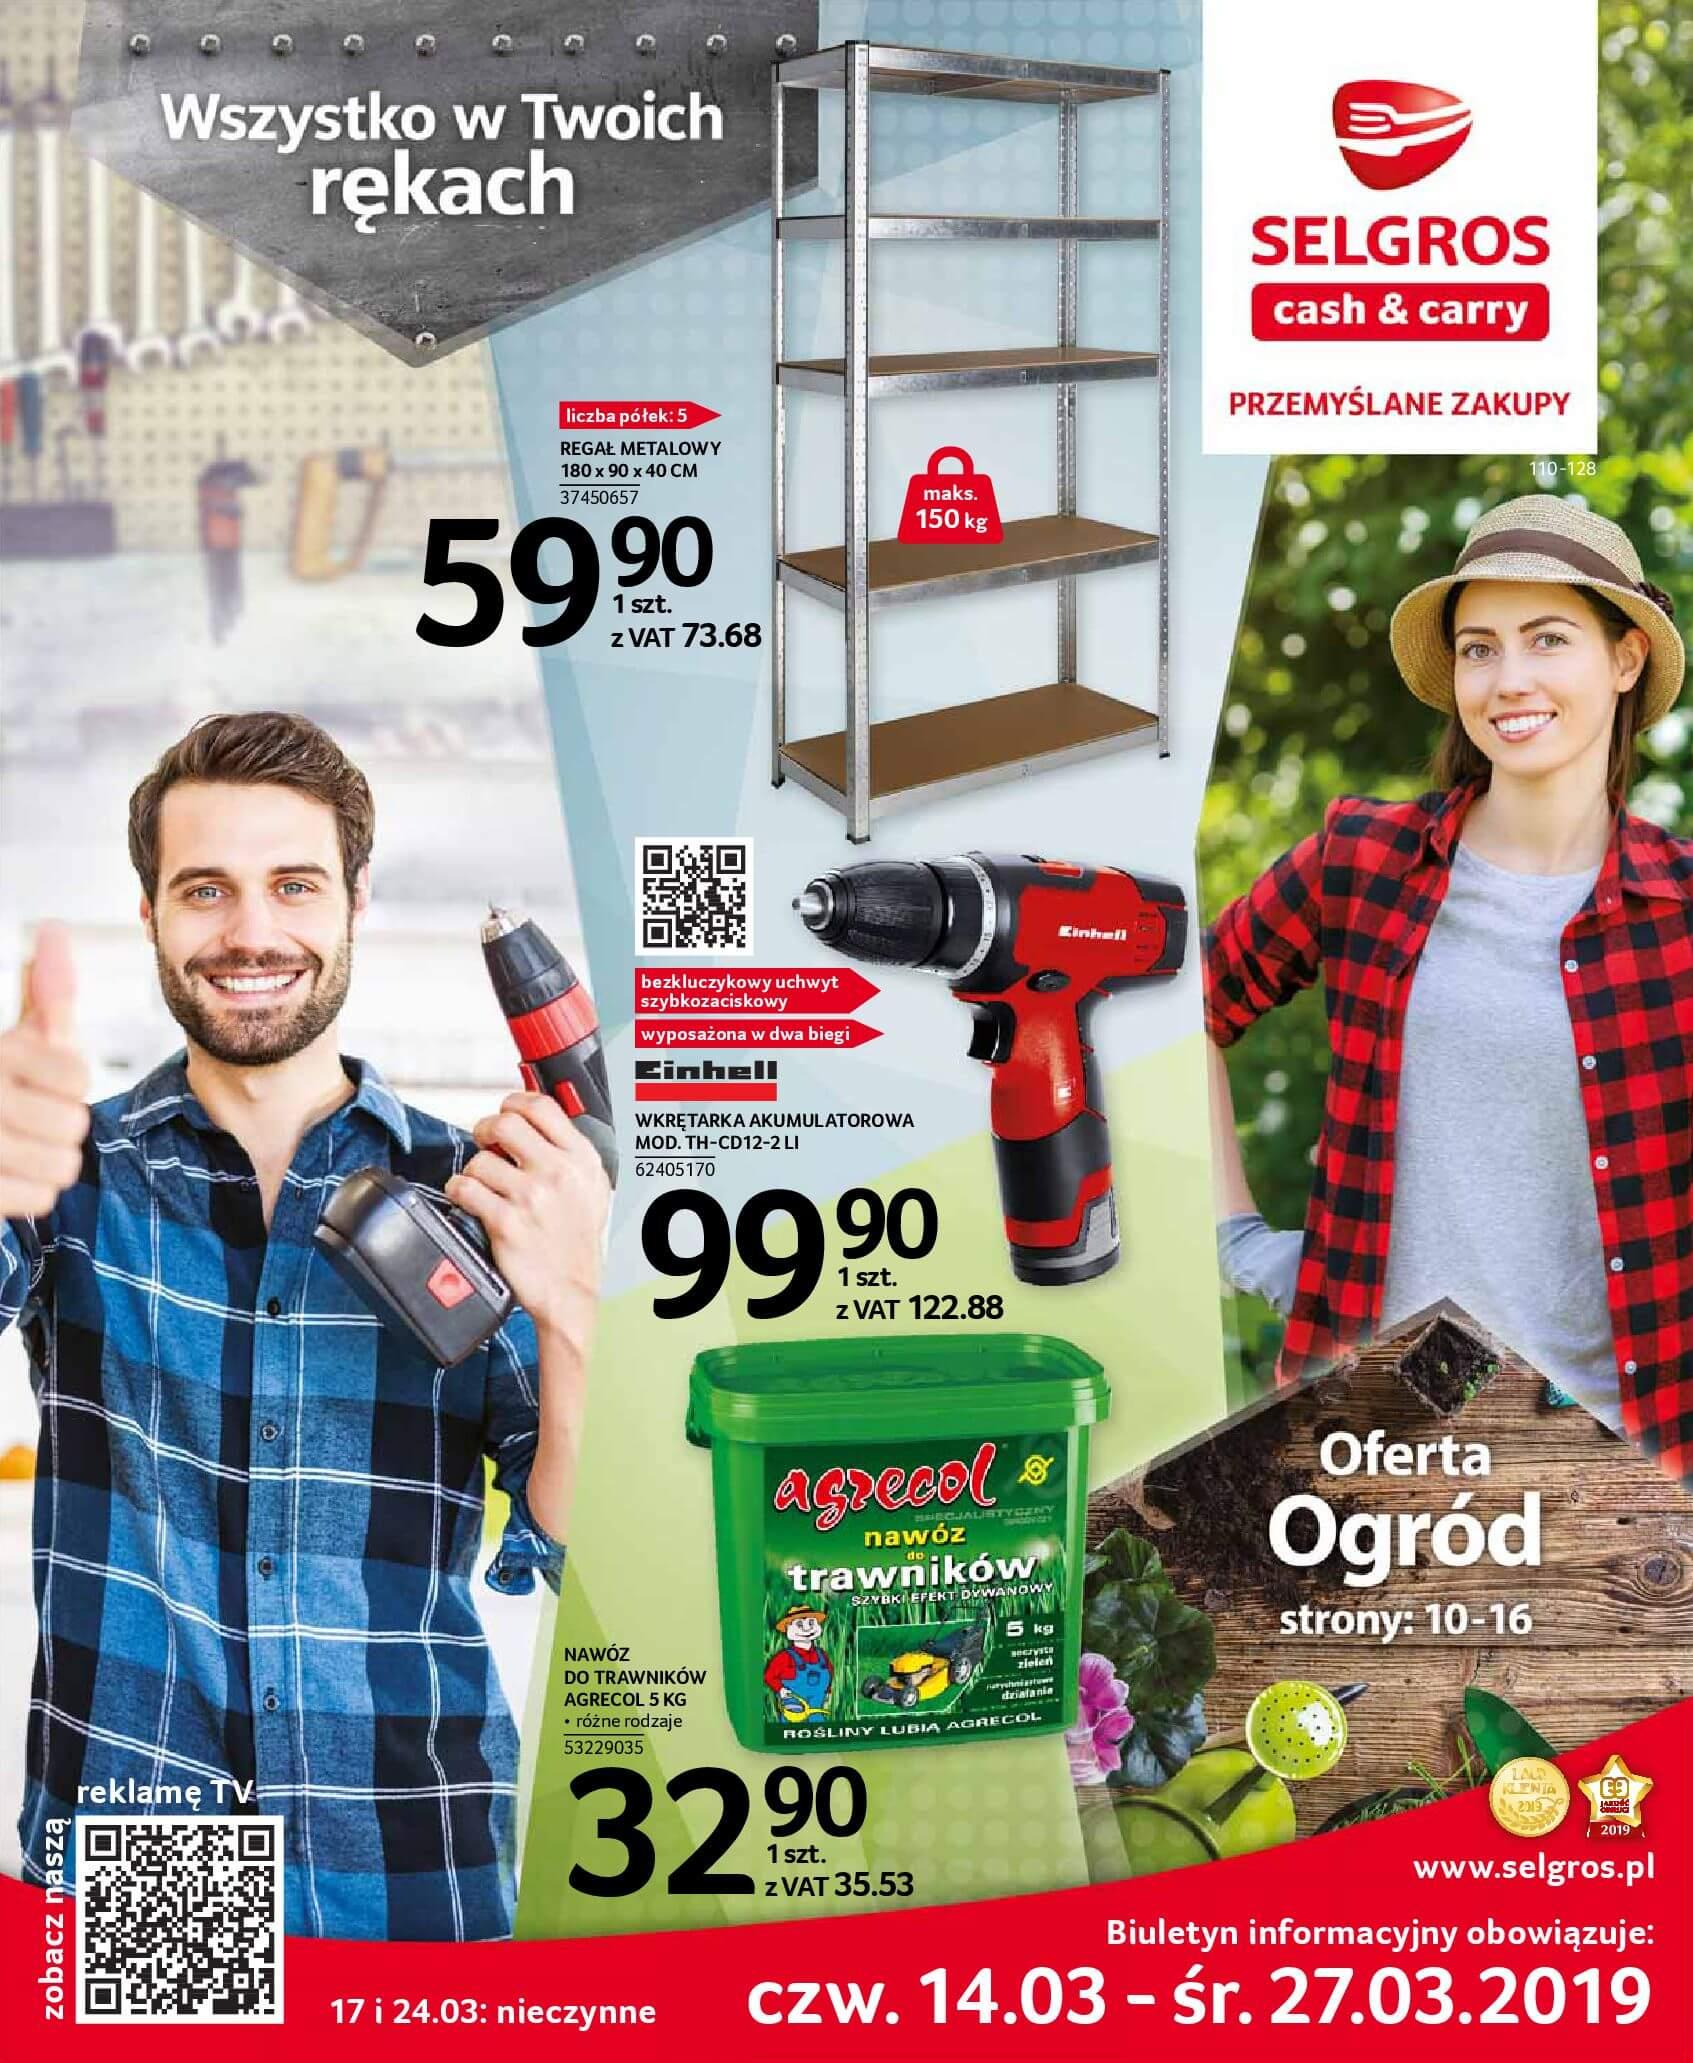 Gazetka Selgros - Wszystko w Twoich rękach-13.03.2019-27.03.2019-page-